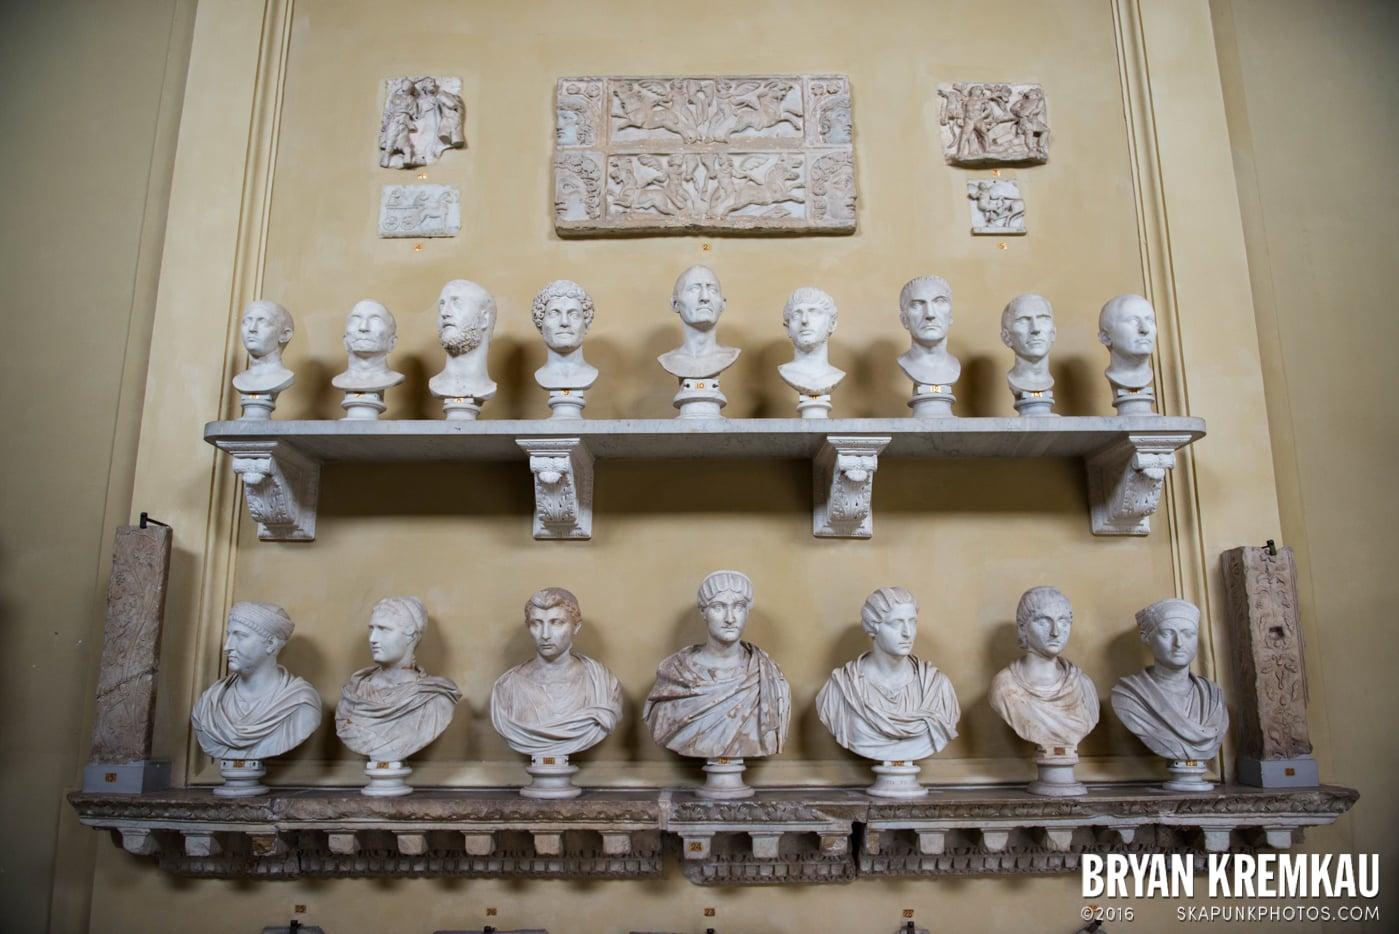 Italy Vacation - Day 3: Rome - 9.11.13 (59)